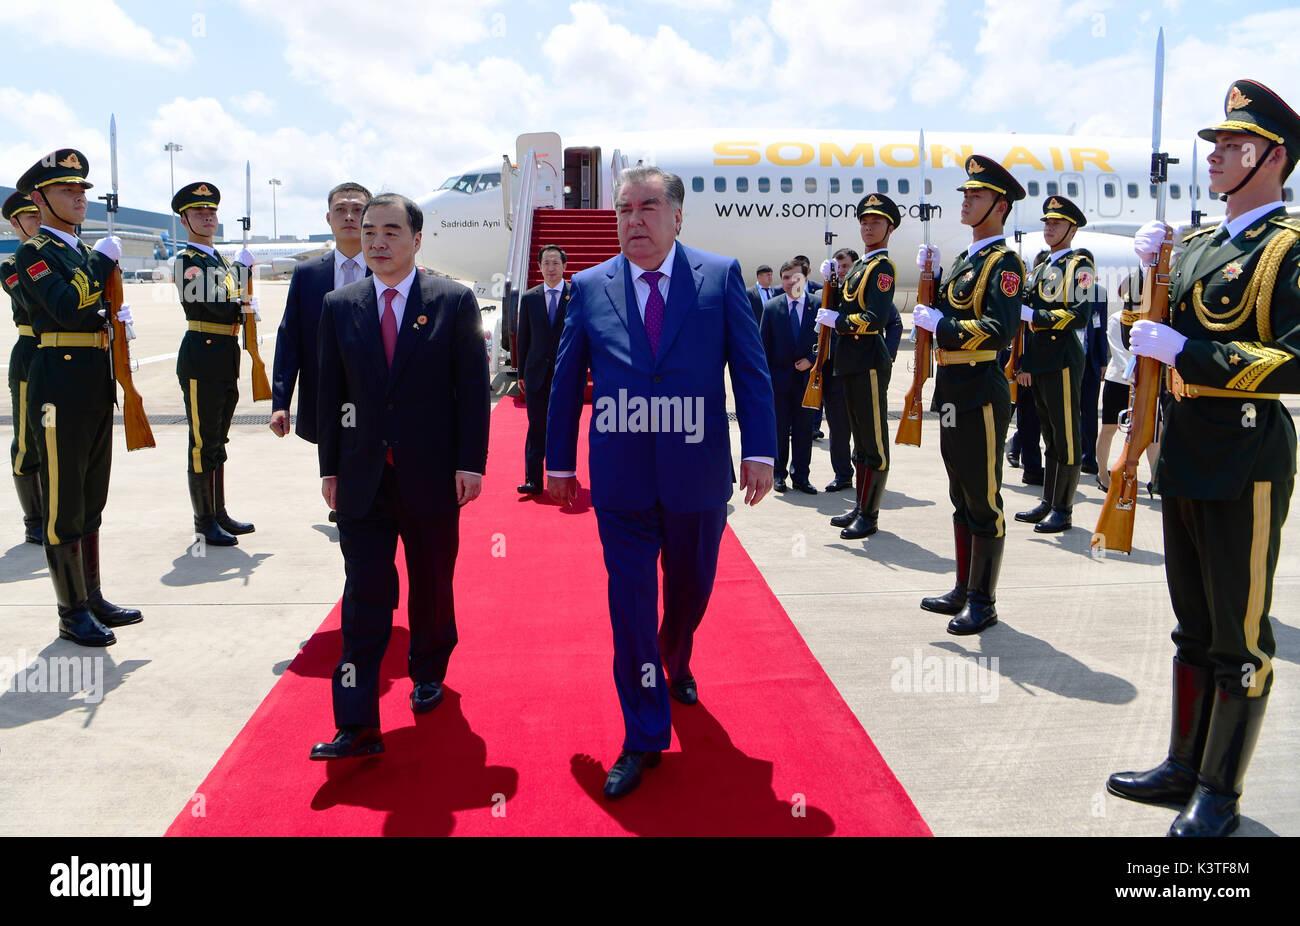 Xiamen, cinese della provincia del Fujian. 4 Sep, 2017. Il Presidente tagiko Emomali Rahmon arriva per il dialogo Foto Stock